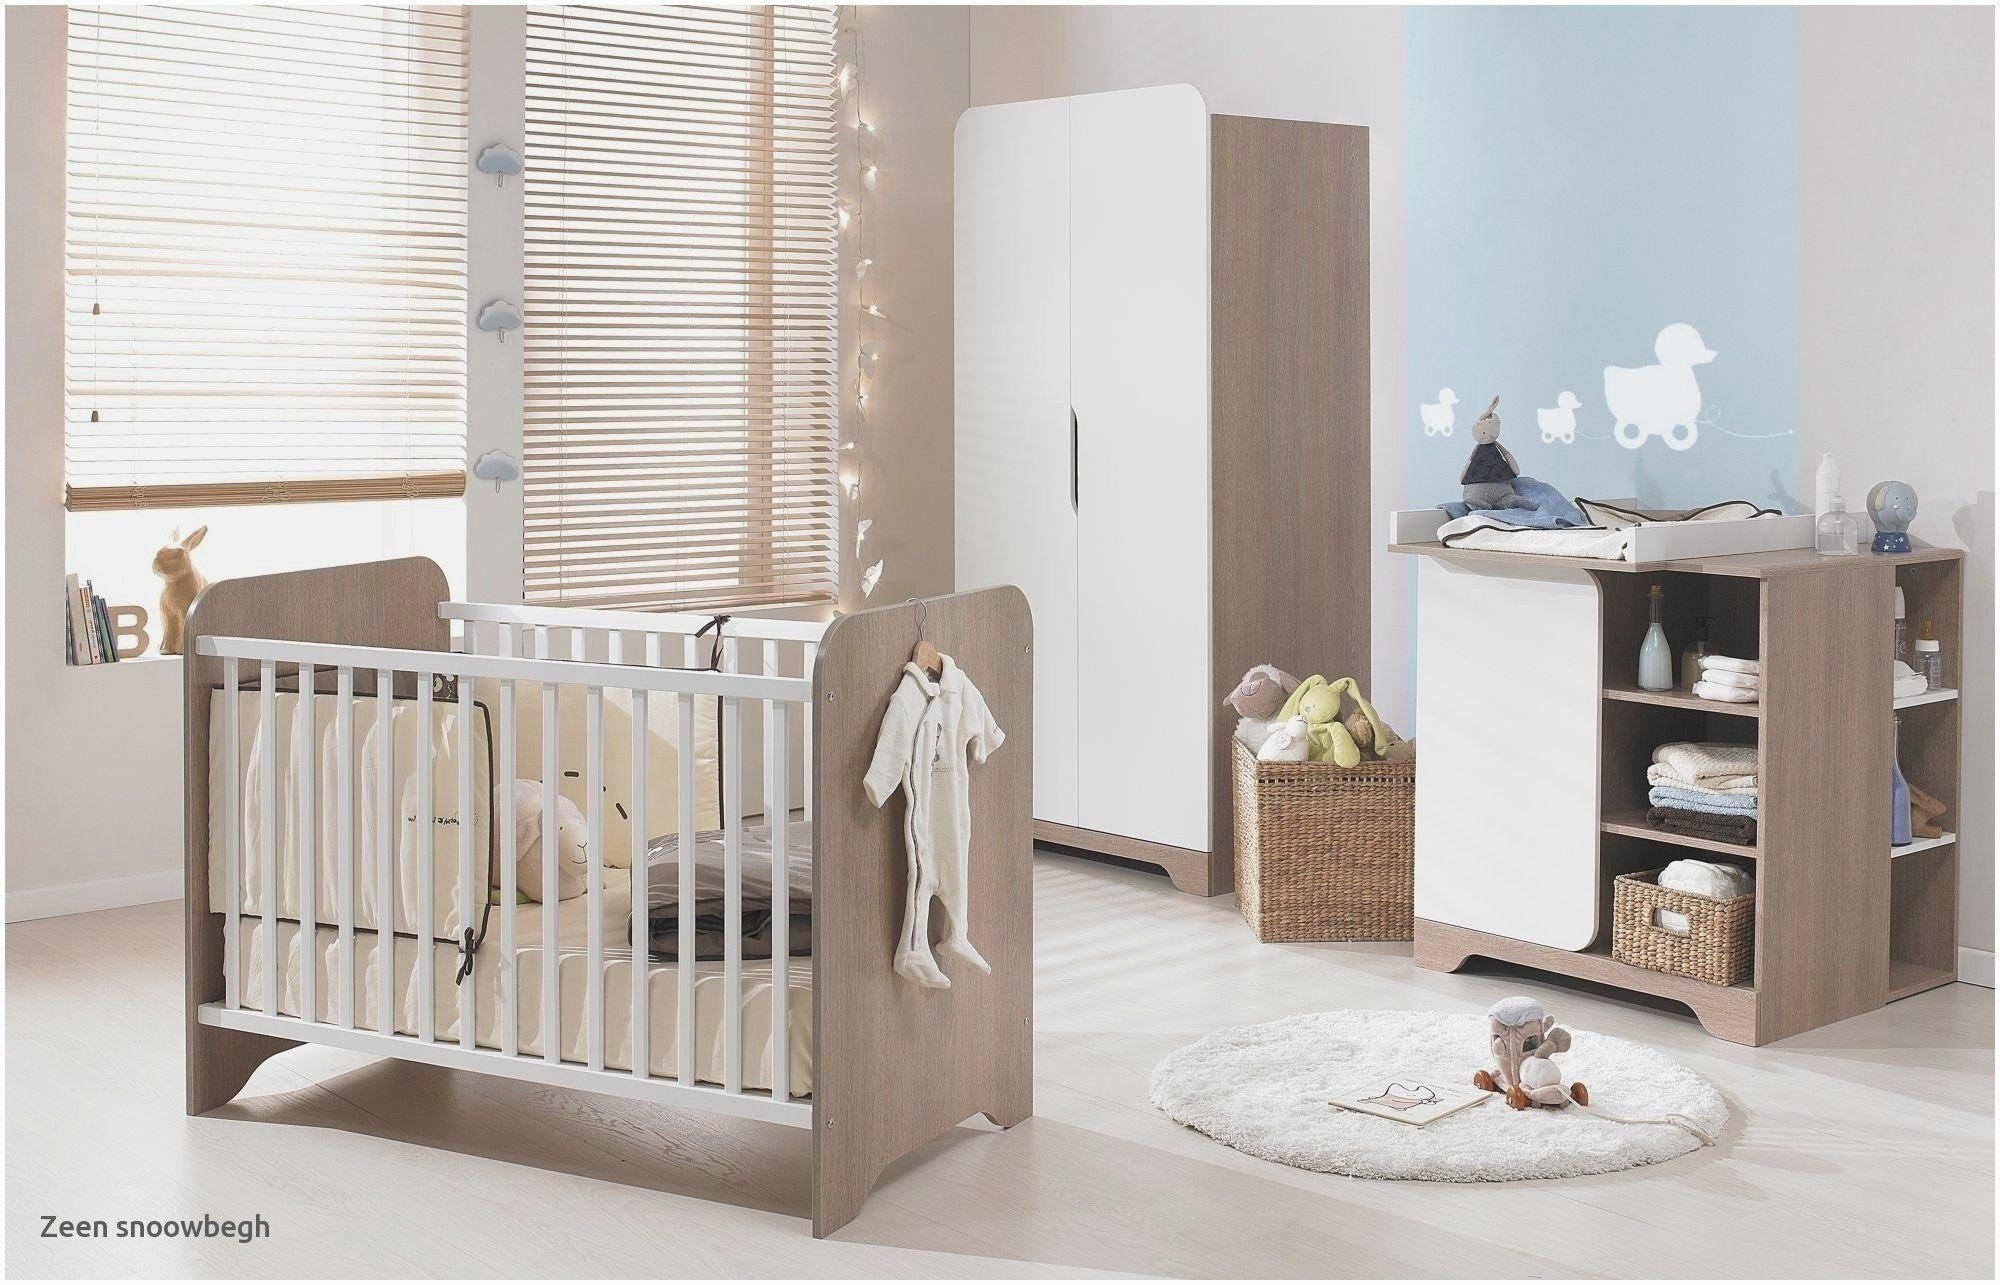 Mobile Lit Bébé Fille Élégant Exceptionnel Chaise Haute Bébé Inclinable Dans Chaise Bébé Design